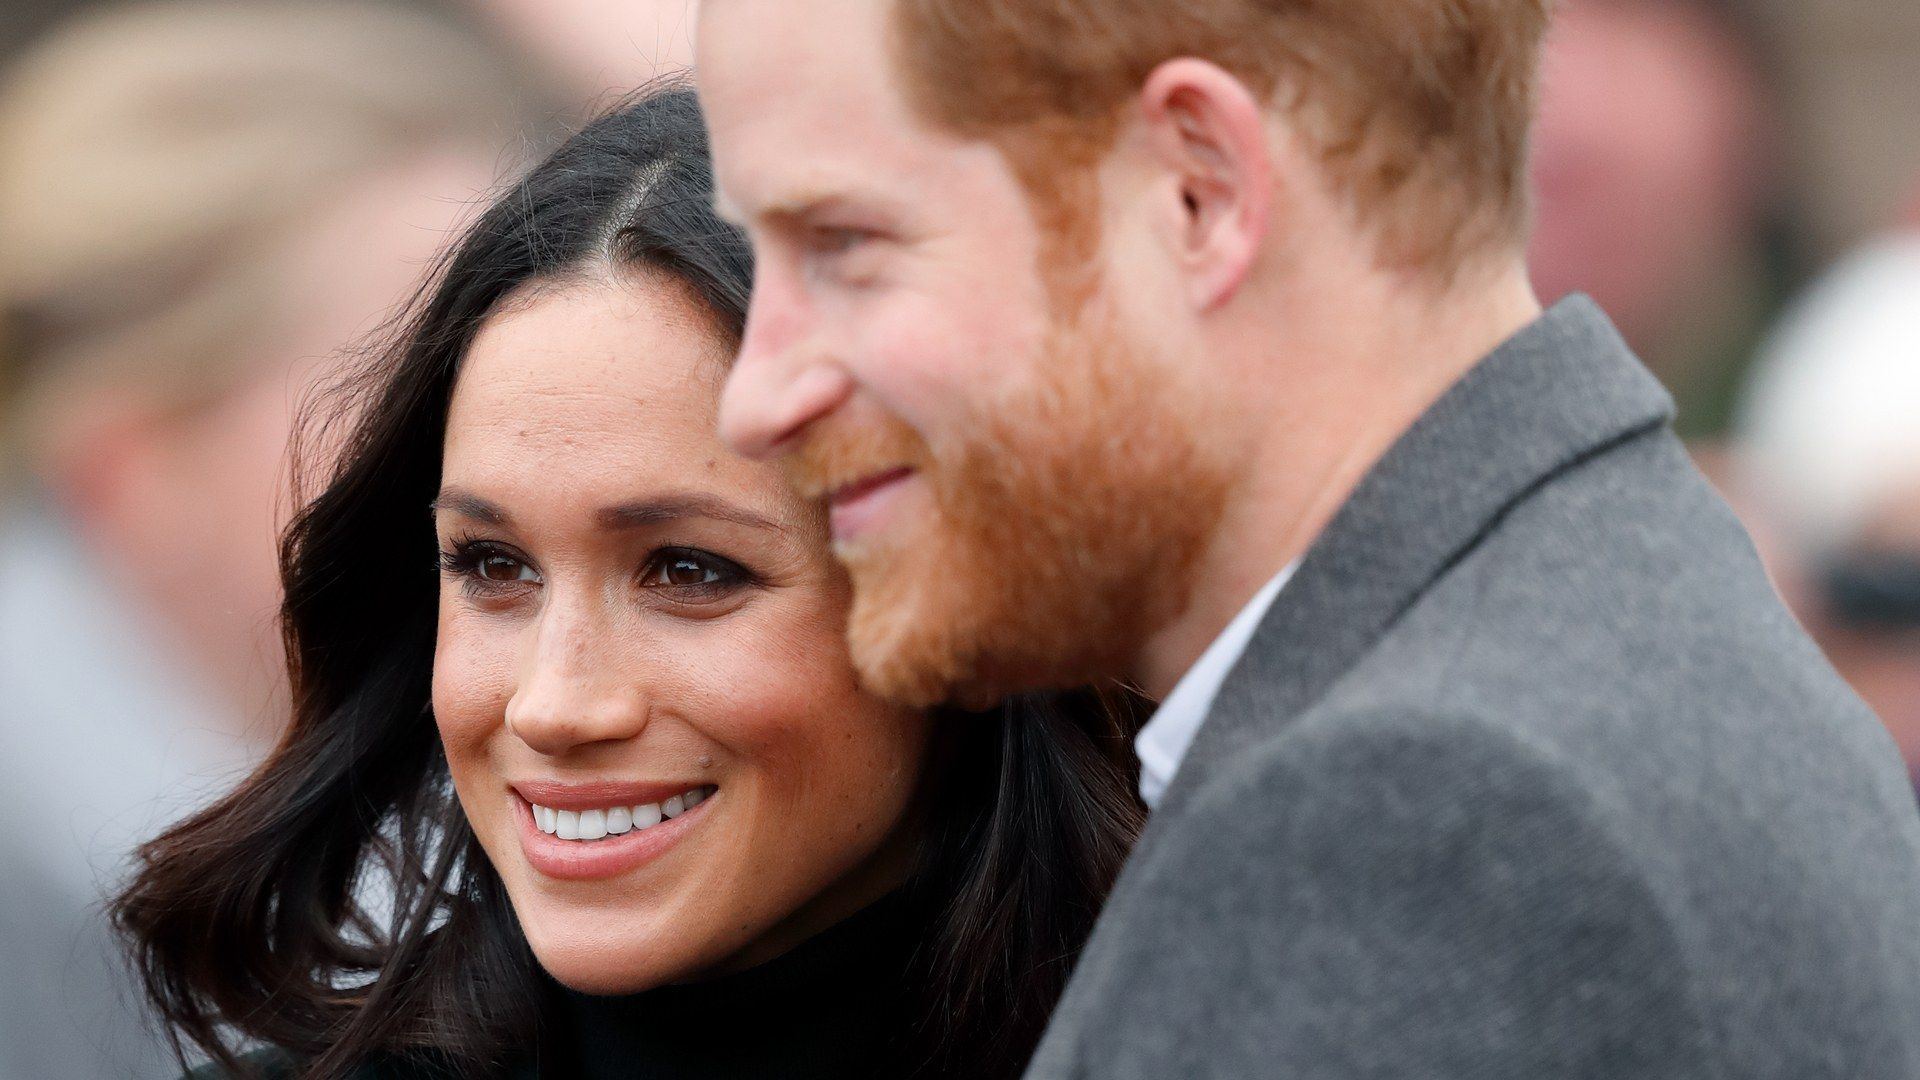 Sussex Gmbh So Konnten Prinz Harry Und Meghan Markle Zukunftig Geld Verdienen Prinzessin Beatrice Meghan Markle Prinzessin Eugenie